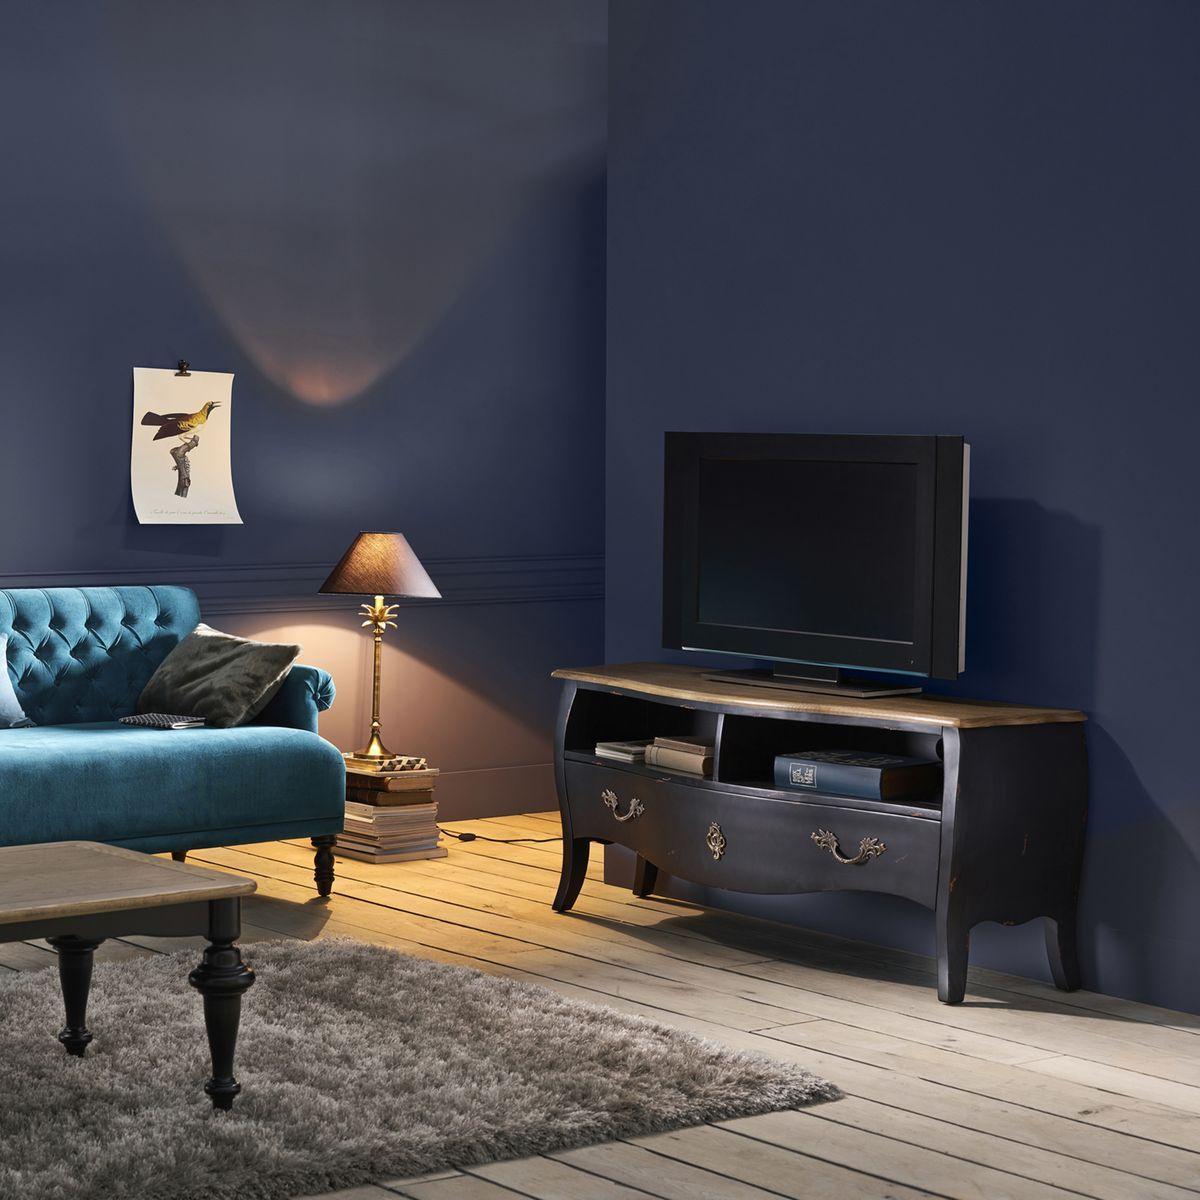 Banc Tv Lipstick Noir Meuble Tv La Redoute Interieurs Iziva Com Mobilier De Salon Banc Tv Meuble Tv